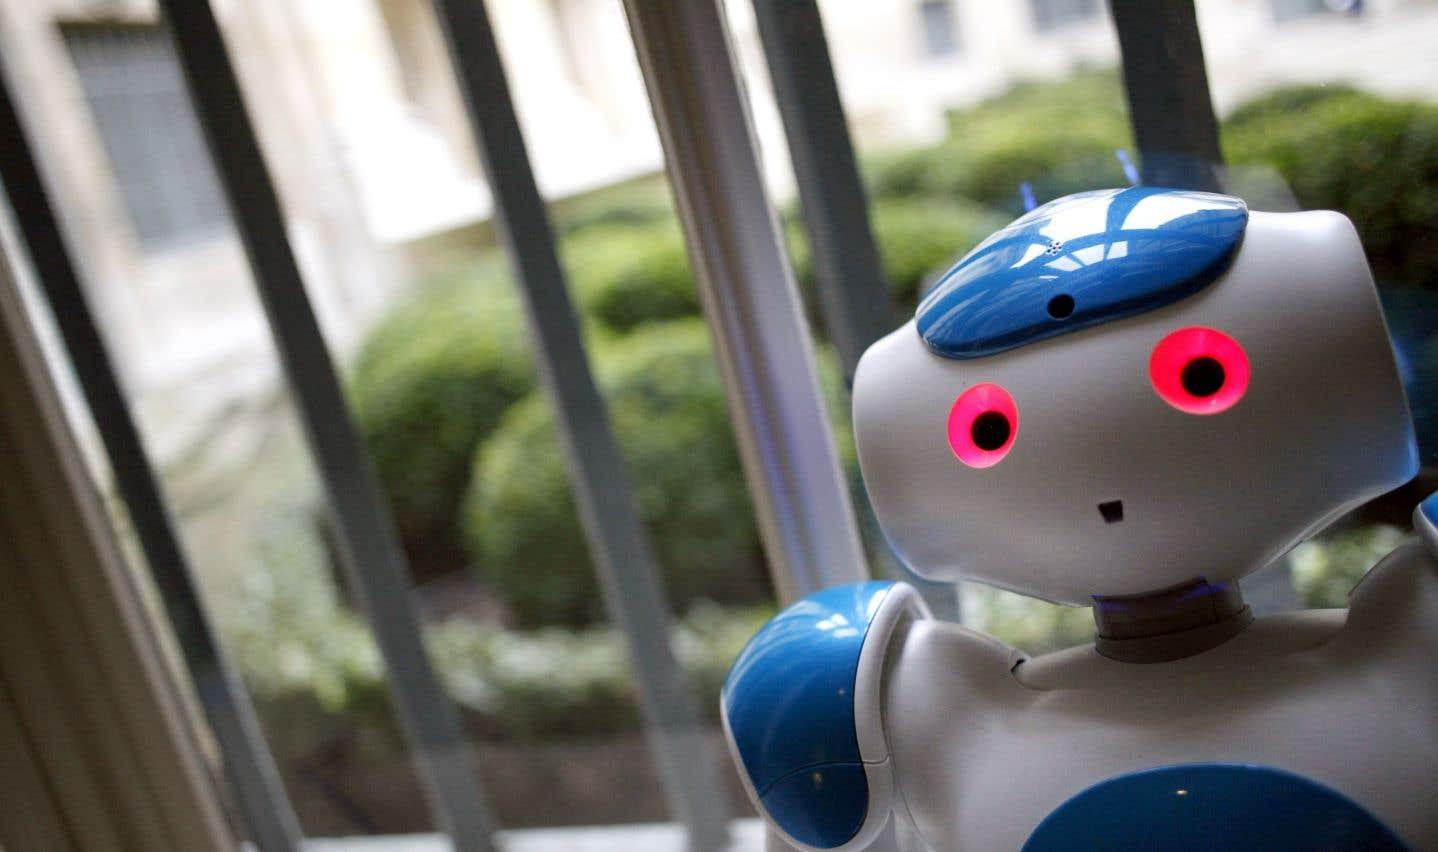 Nao, un petit robot humanoïde, a réussi à stimuler l'attention d'élèves atteints d'un trouble de l'autisme, en plus de développer leurs compétences en français, en mathématiques et même en socialisation.